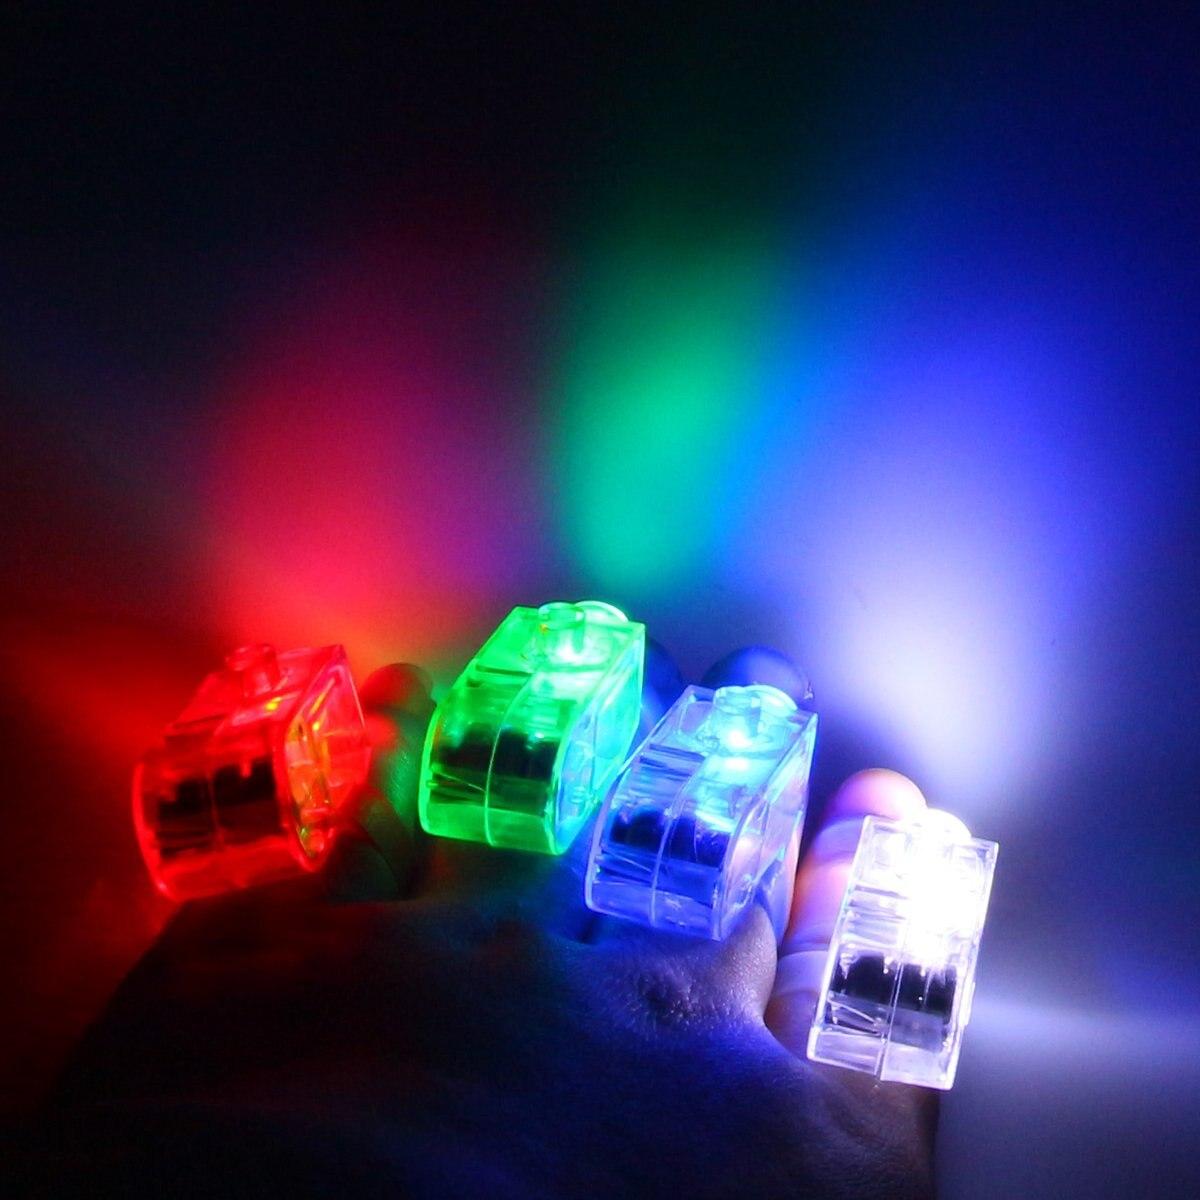 40 в 1 супер яркий палец лампа, светодиодные фонари пальцев, карнавал, освещения музыкальный фестиваль, партии, All Saints, Хэллоуин